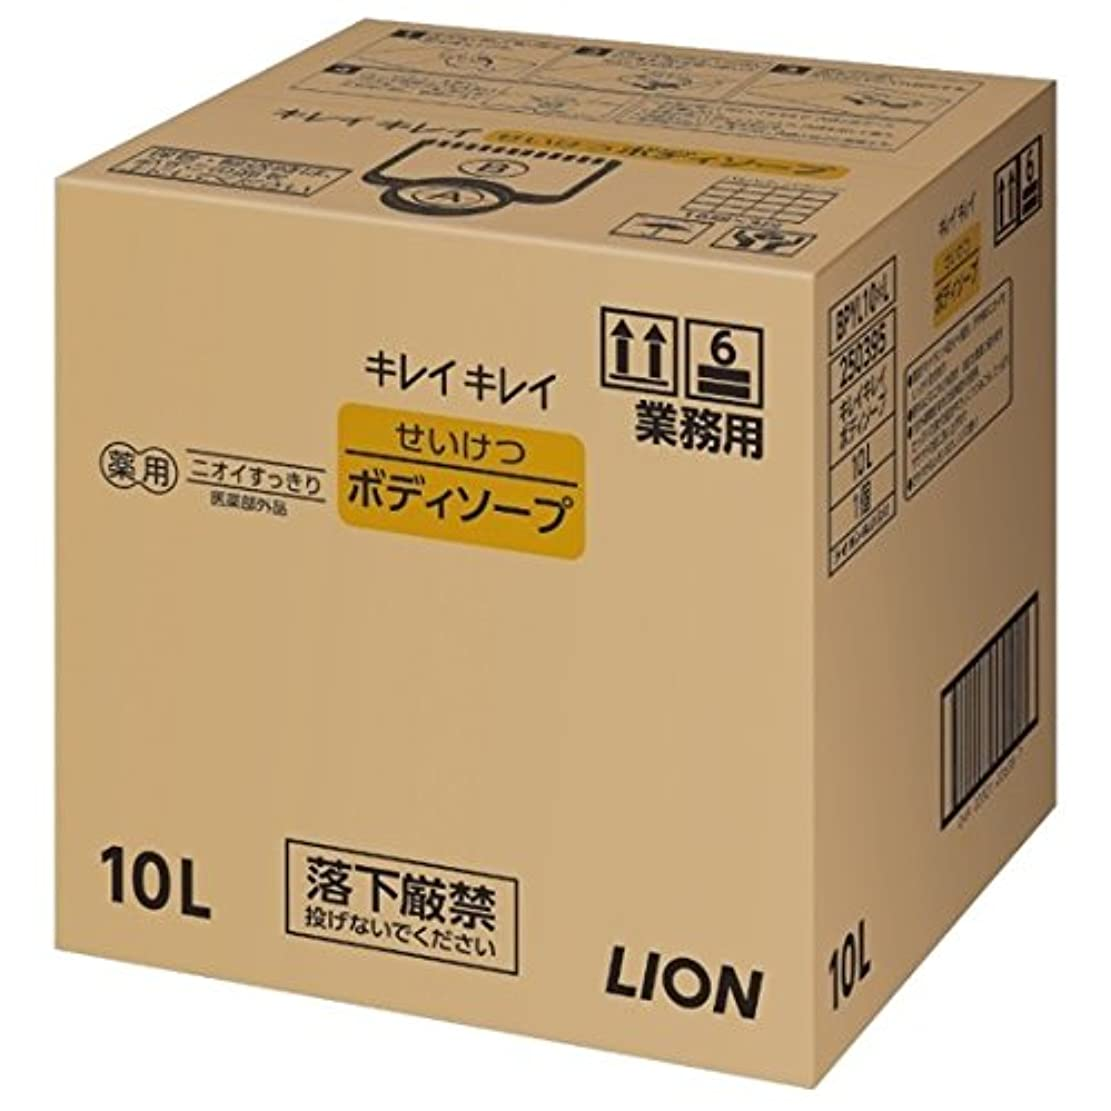 のれん健康ラウズライオン 業務用 キレイキレイ せいけつボディソープ 10L